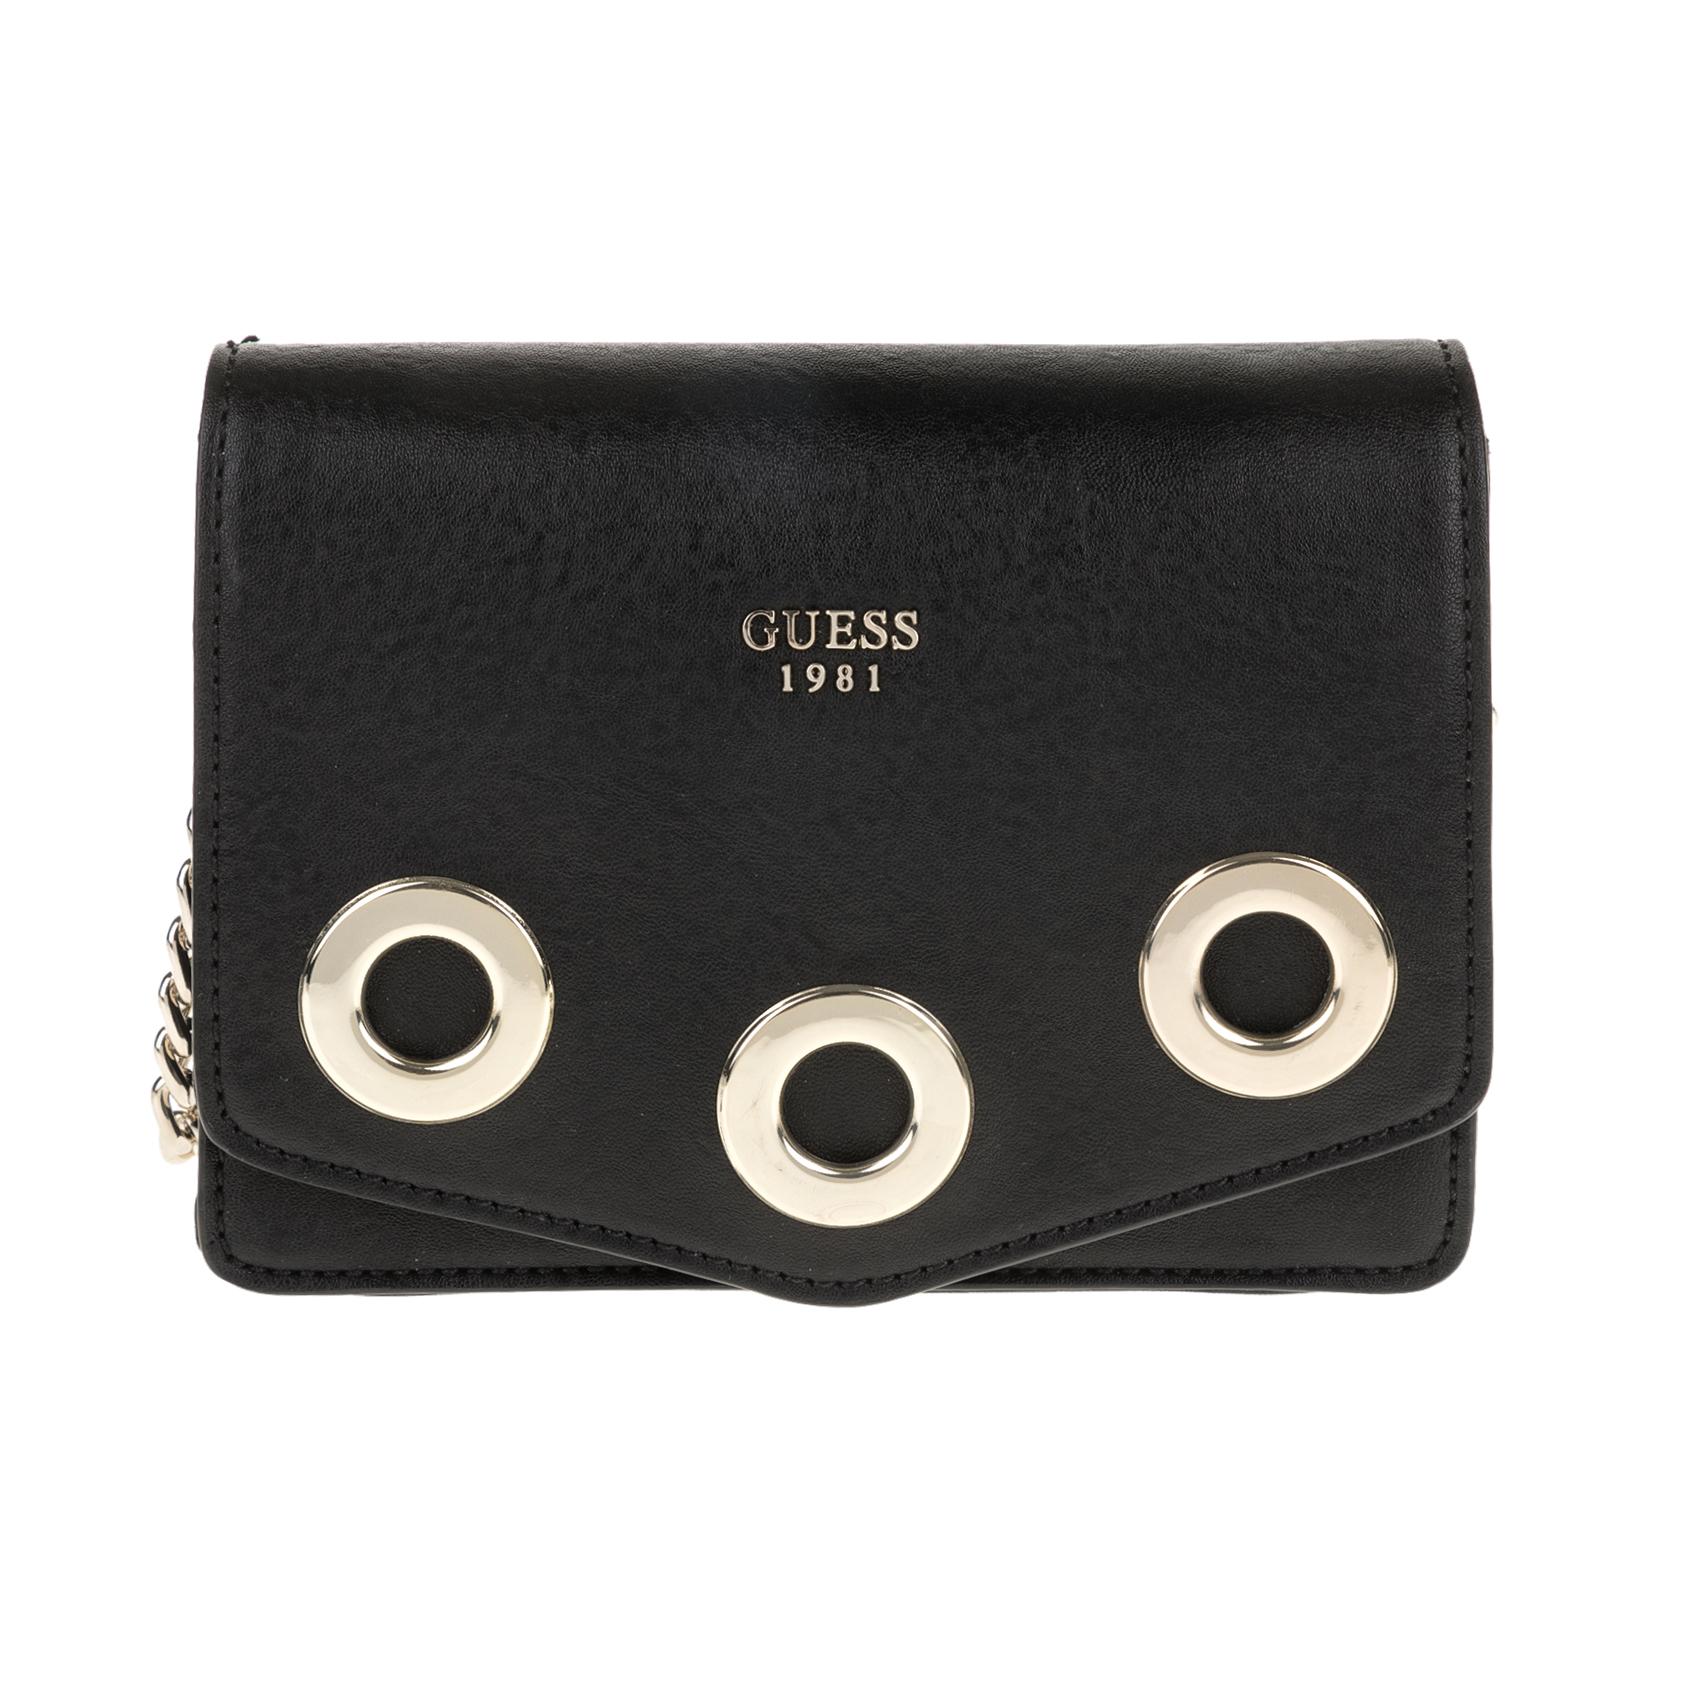 GUESS – Γυναικεία τσάντα ώμου Guess DINAH CROSSBODY MESSENGER μαύρη 1571448.0-0071